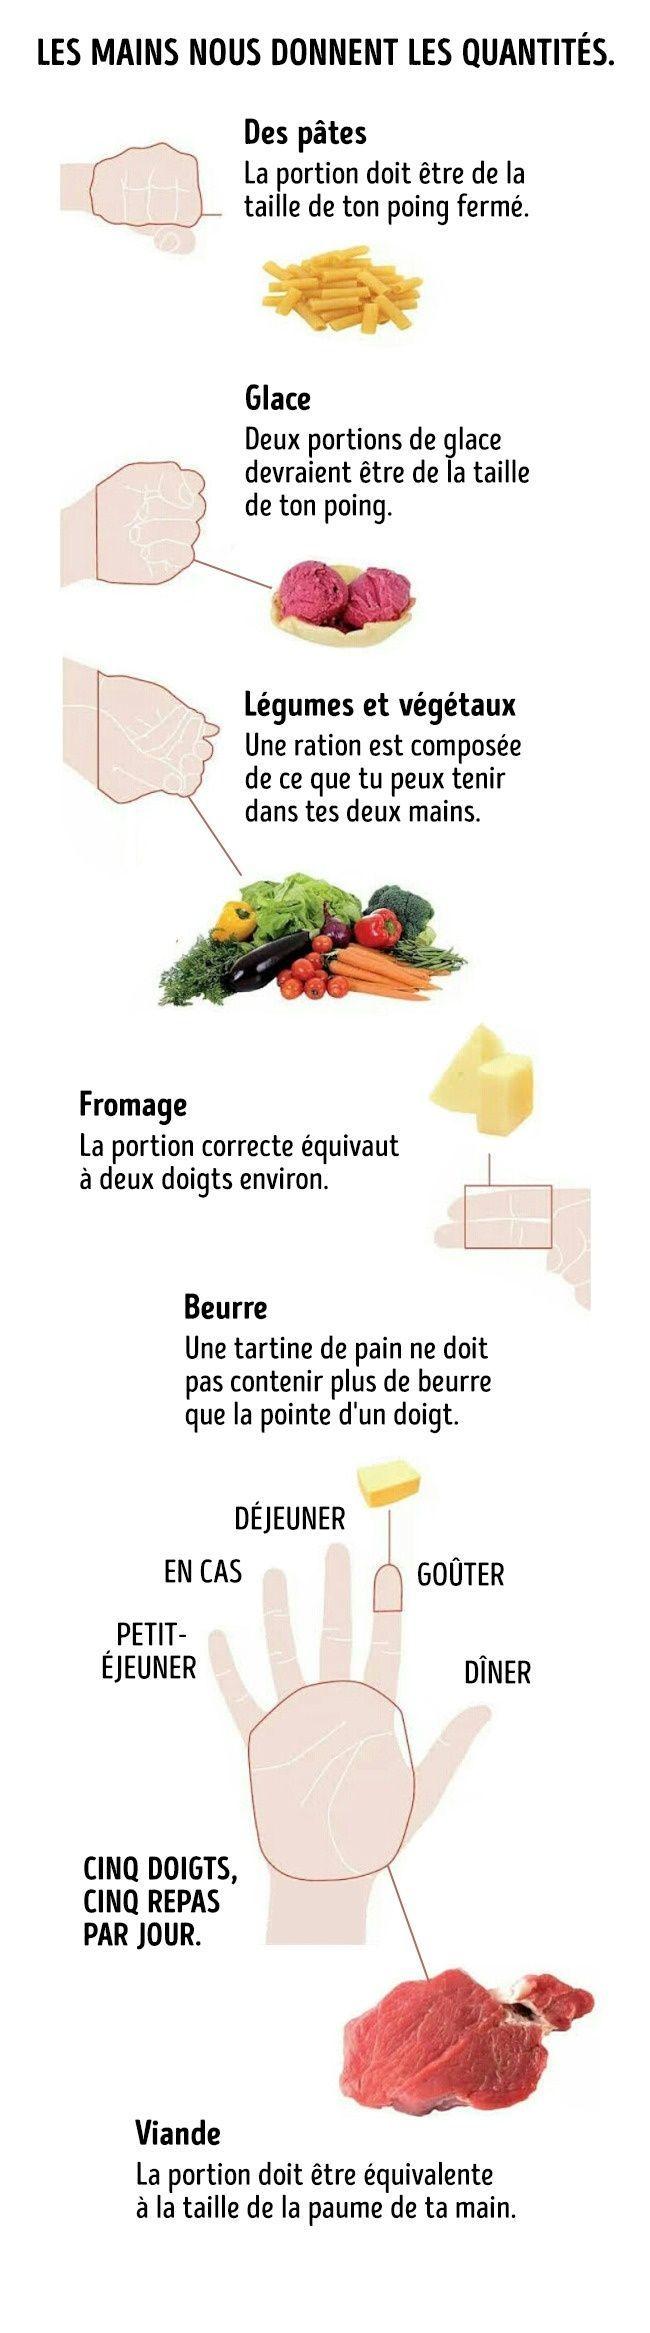 Portions : Cette technique vous permettra de déterminer facilement avec précision les portions que vous devriez manger Elle s'appelle «le régime de la main»